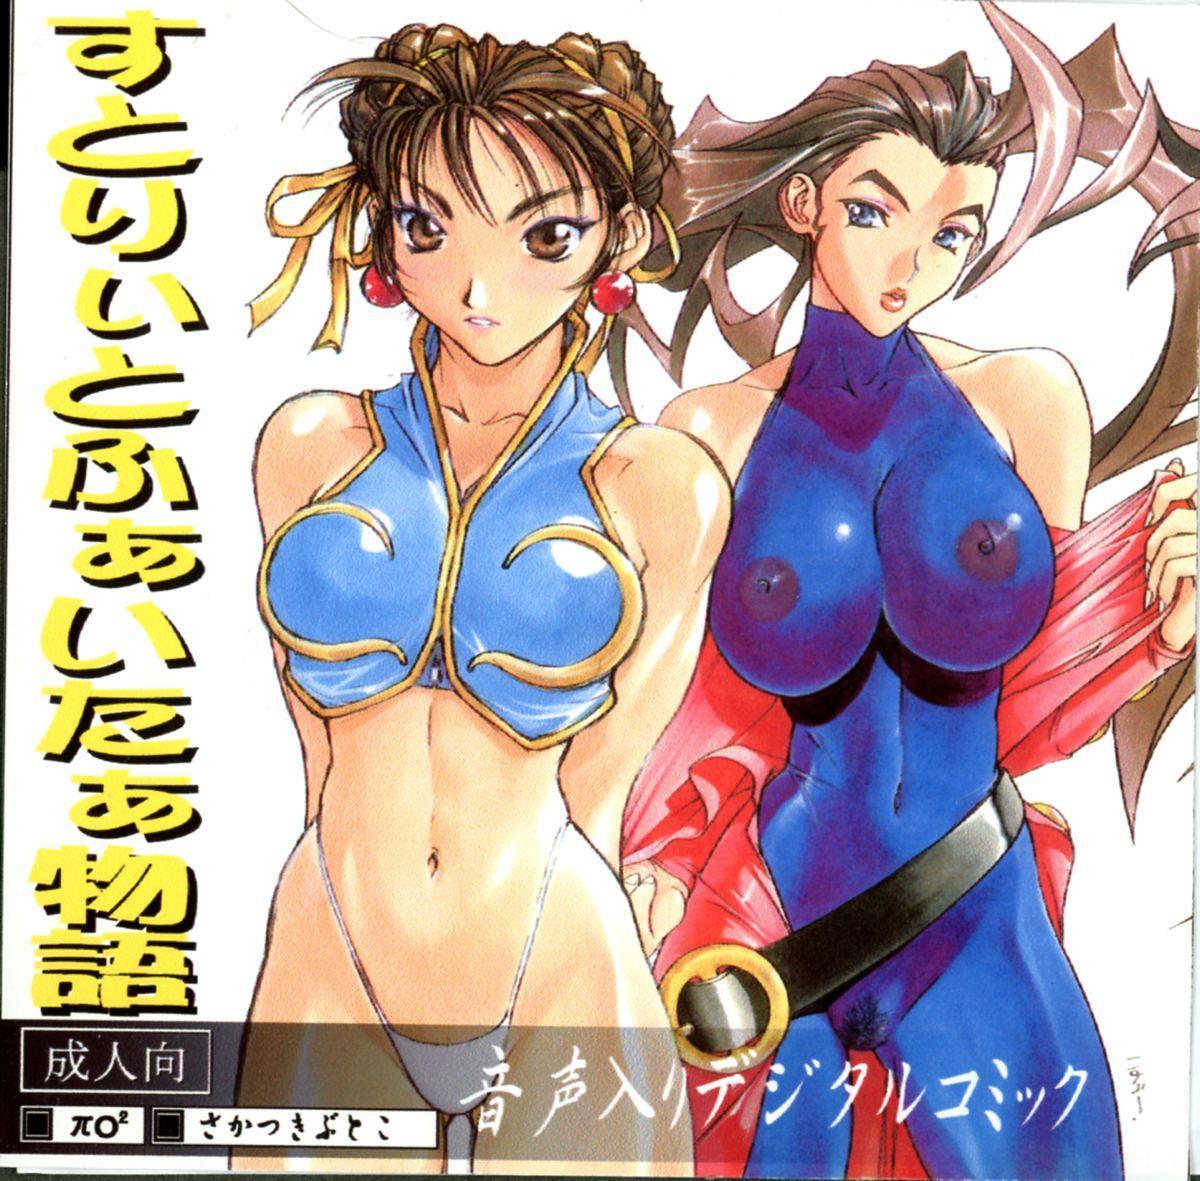 Street Fighter Monogatari 0